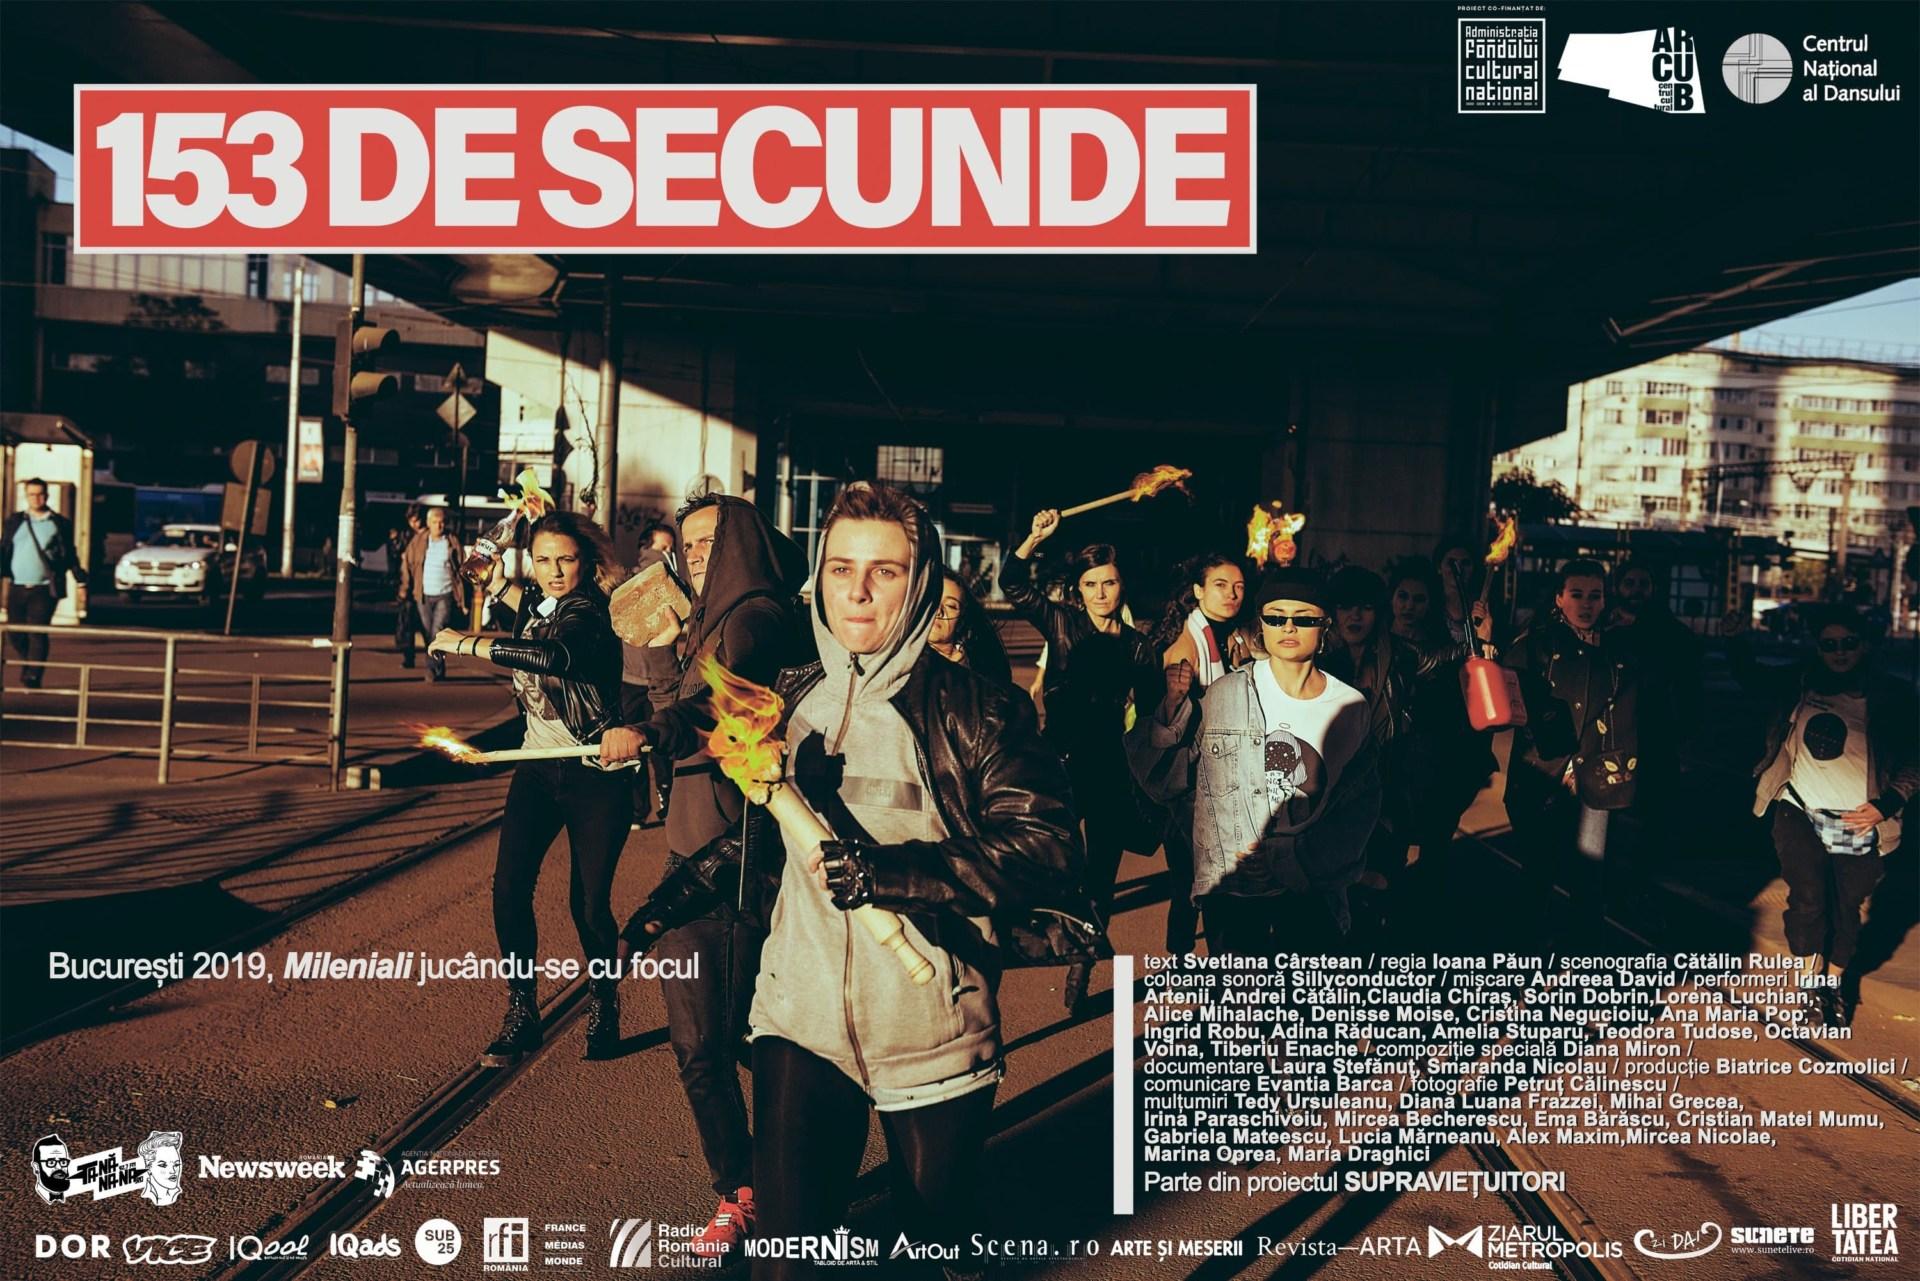 """""""Am fost făcut să rezist. Să nu se clintească nimic din mine"""" 153 DE SECUNDE  – Manifestul milenialilor,  pe scena Centrului Național al Dansului din București"""